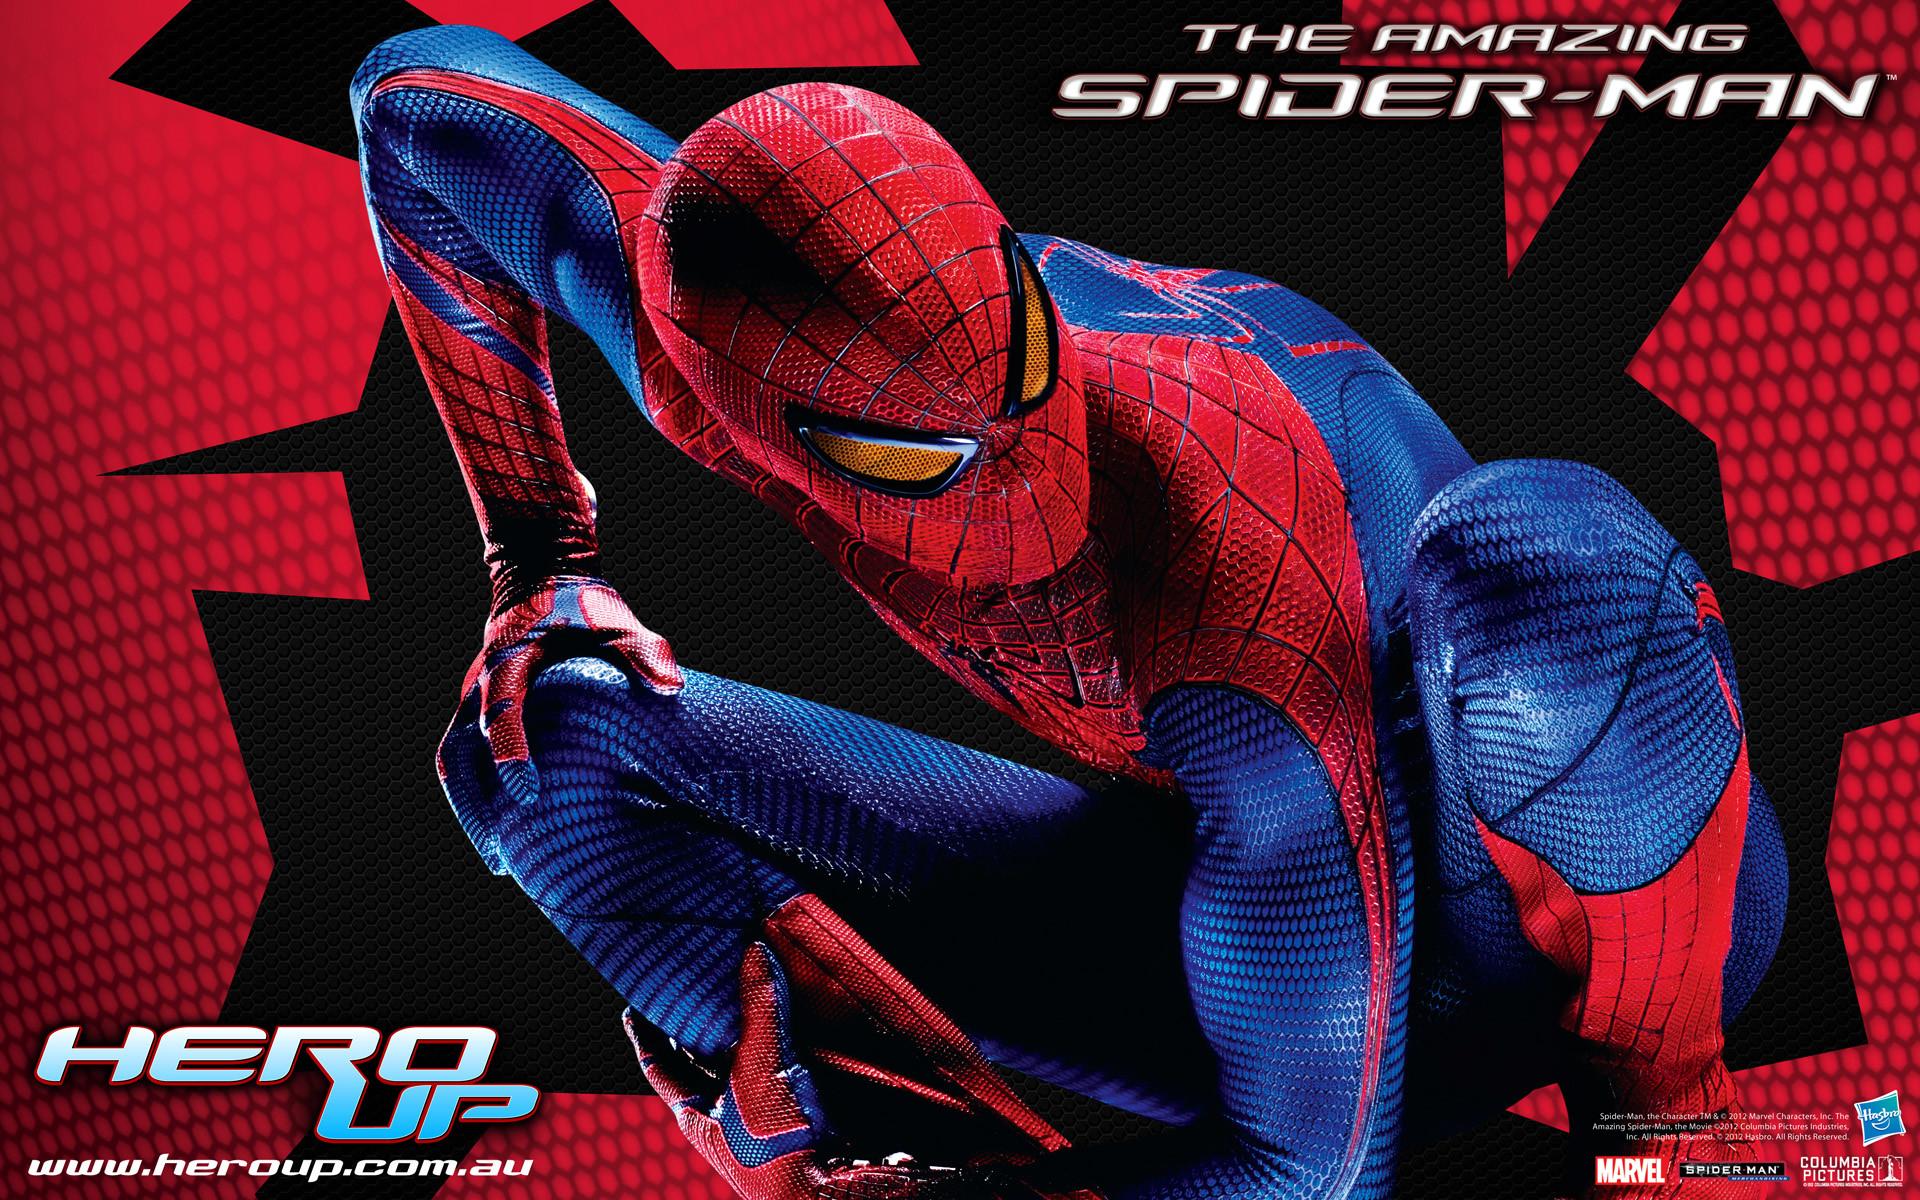 Ultimate spider man wallpapers 70 images - Moving spider desktop ...